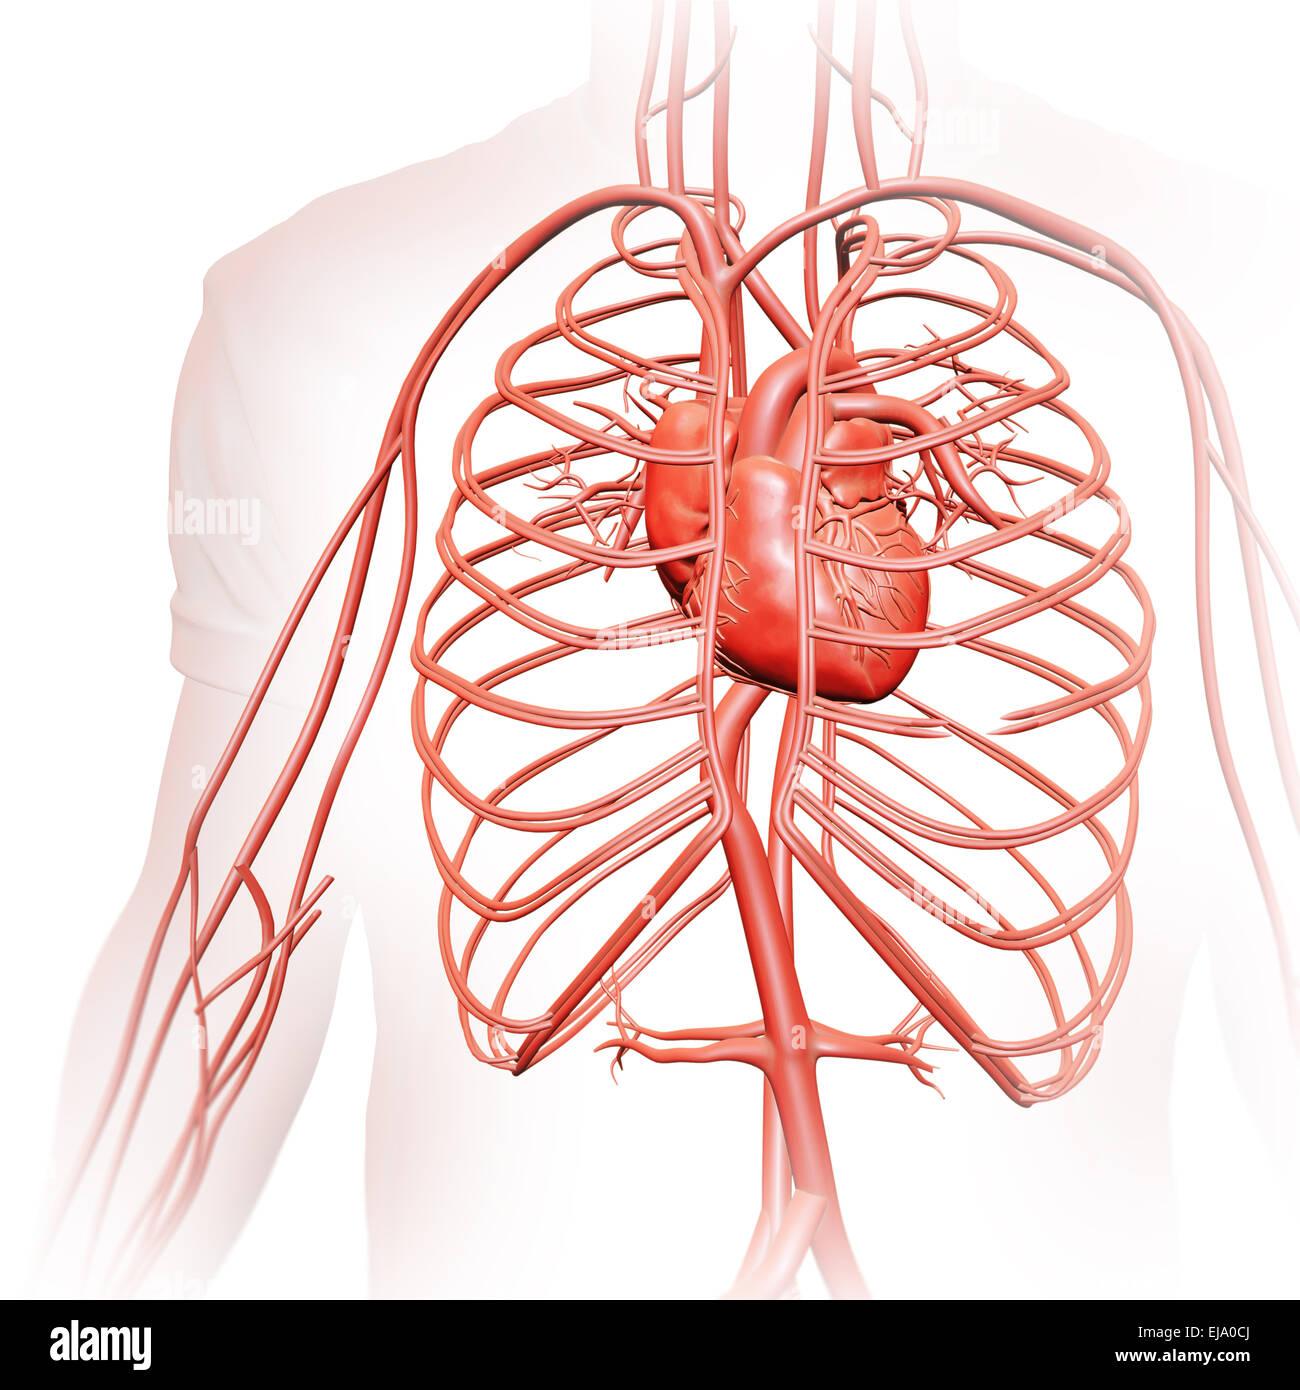 Les droits de l'appareil circulatoire - illustration médicale Photo Stock